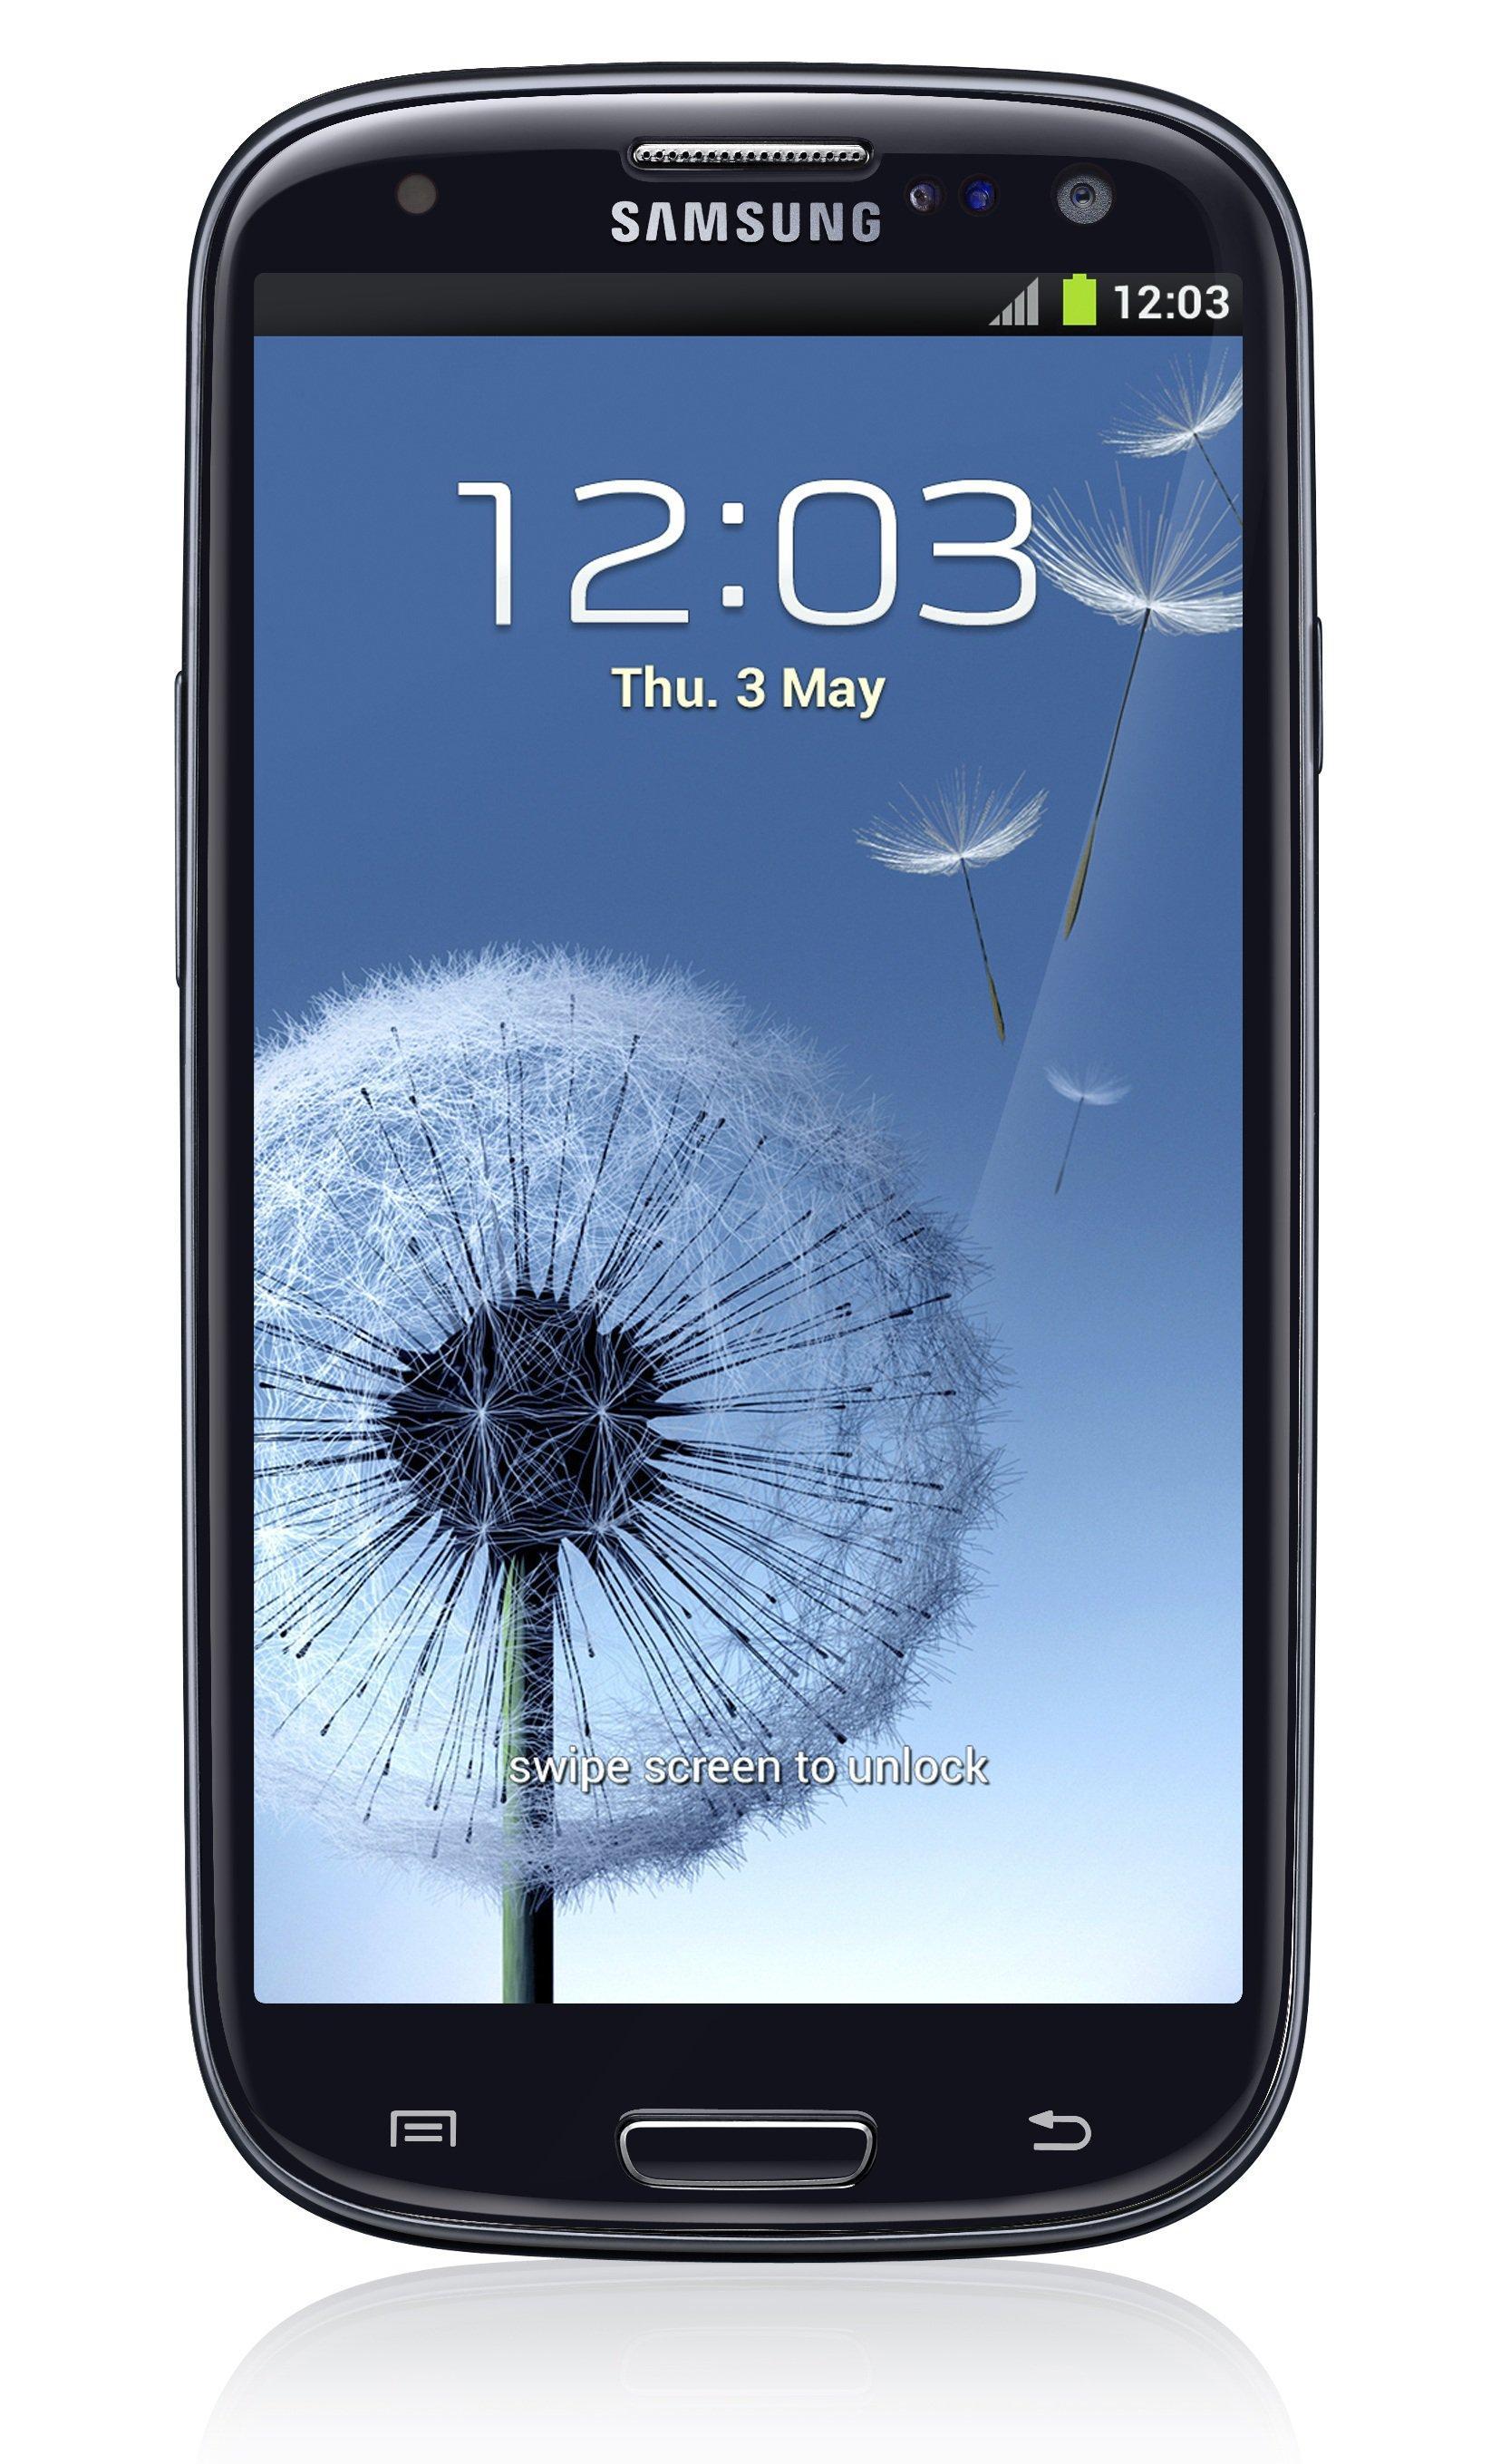 Samsungs Galaxy S III 4G selges bare gjennom Telenors kanaler, men telefonen er ulåst og fungerer som en vanlig 3G-telefon i andre nett.